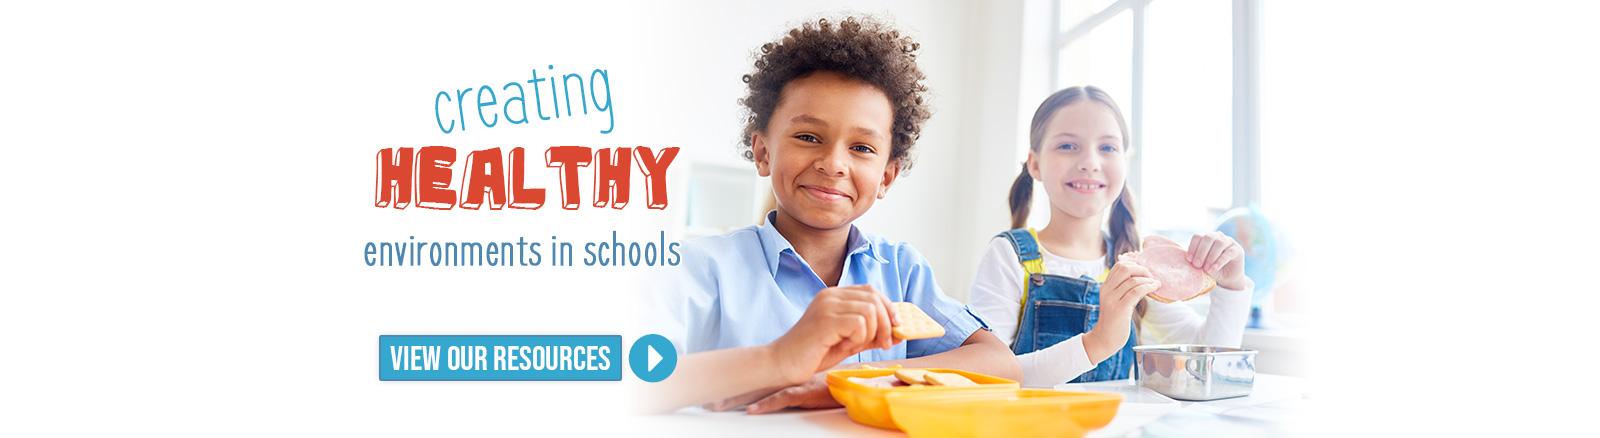 Creating Healthy Environments in Schools